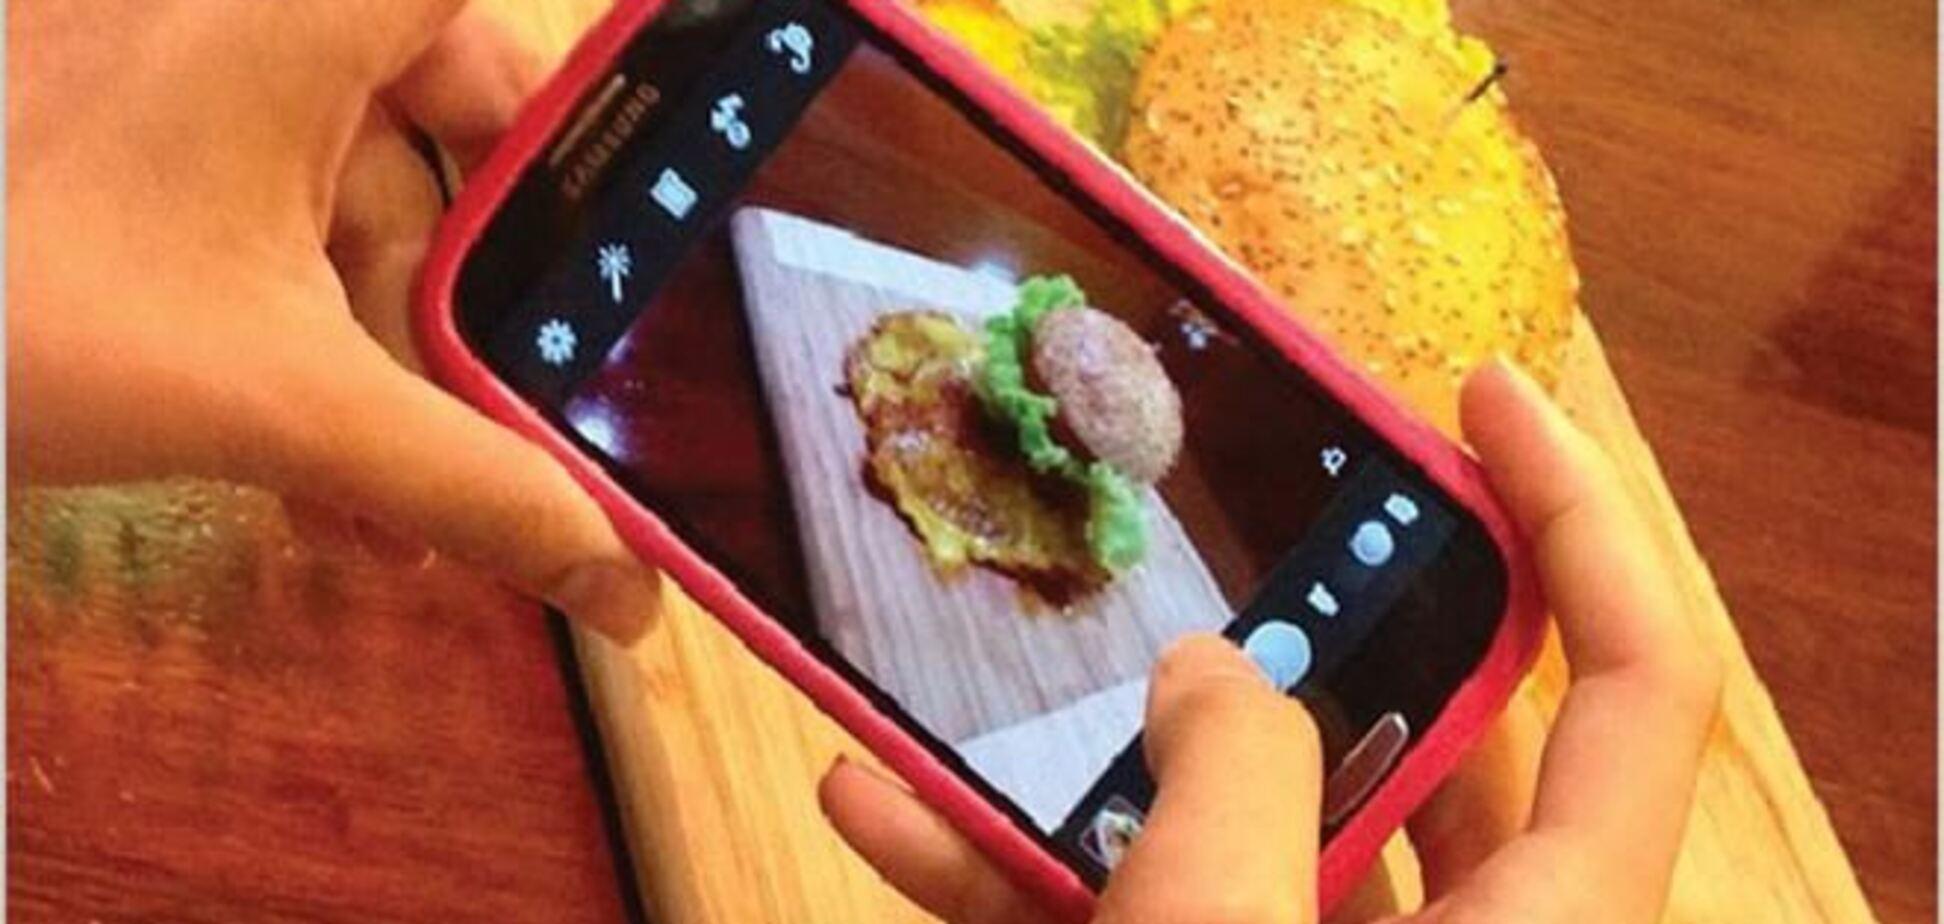 Instagram разрушает удовольствие от еды - исследование